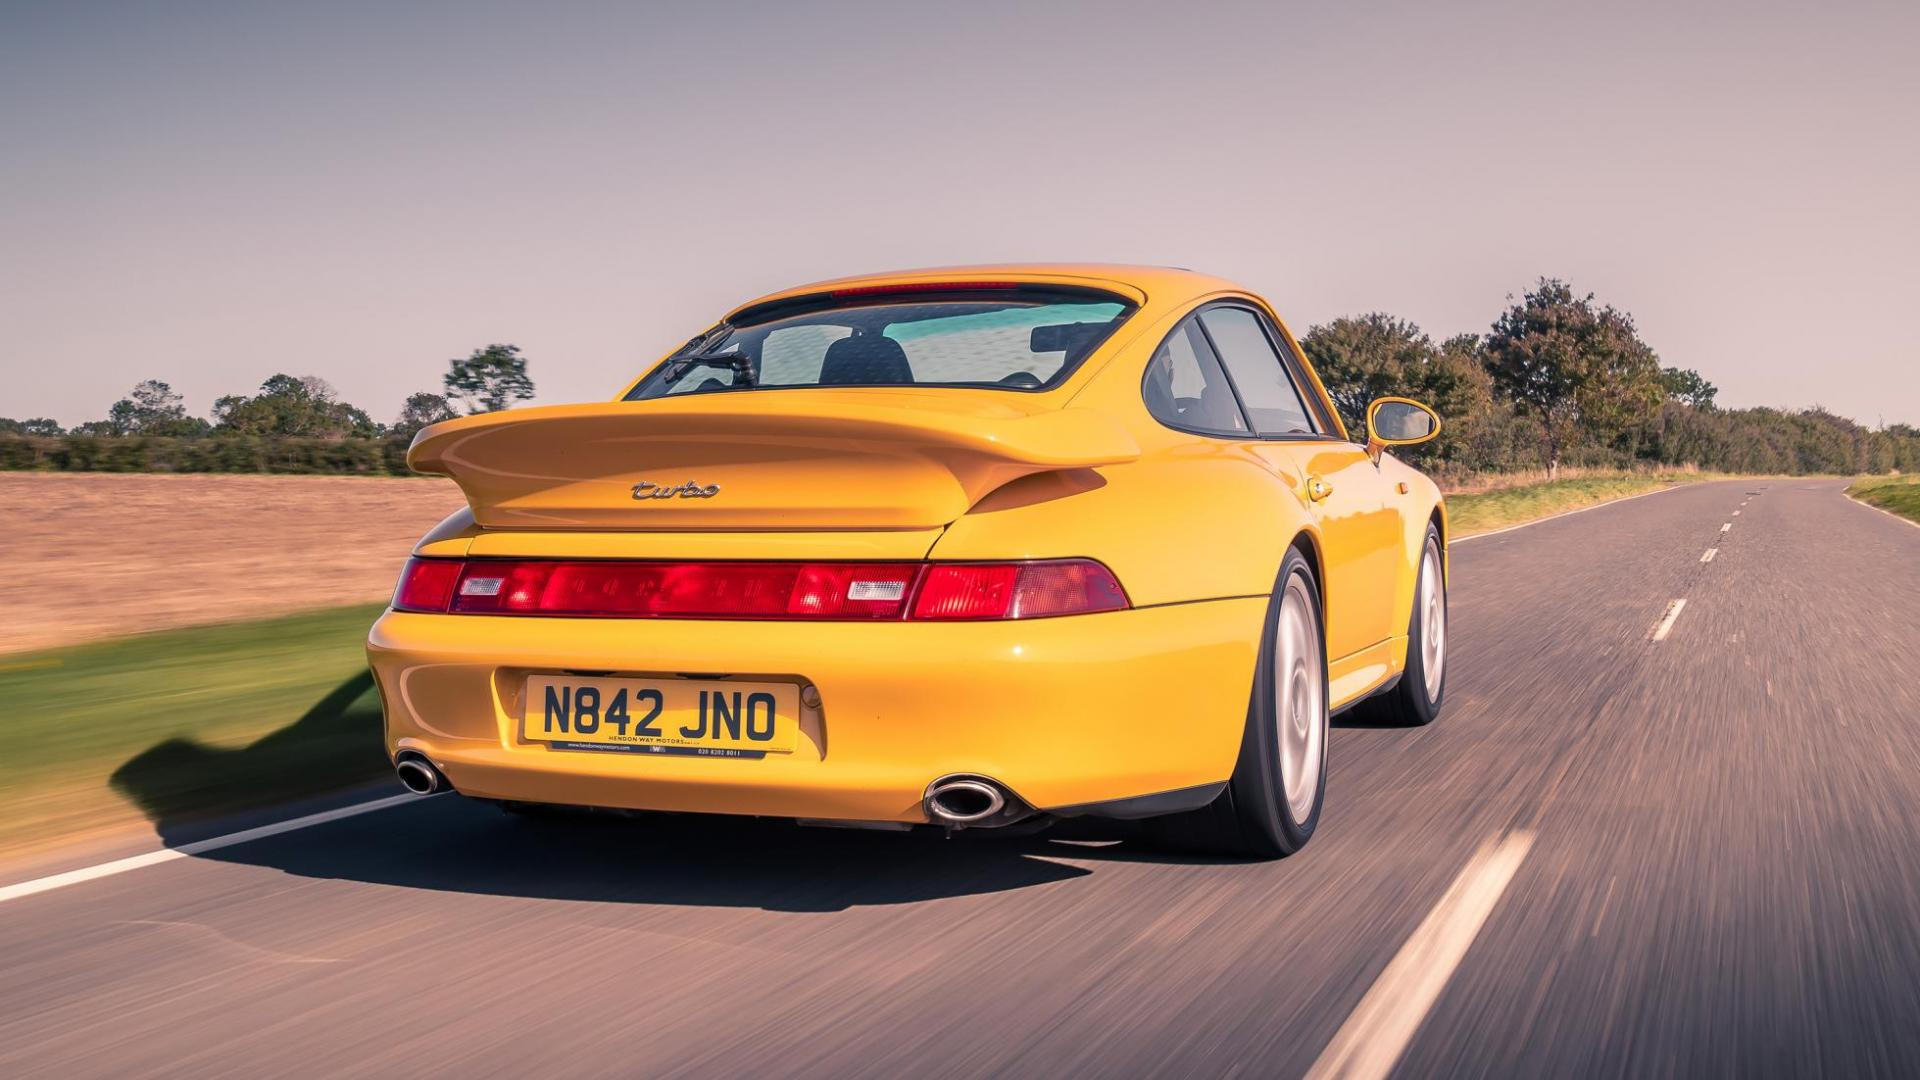 Achterkant Porsche 911 Turbo 993 (1995) (geel)